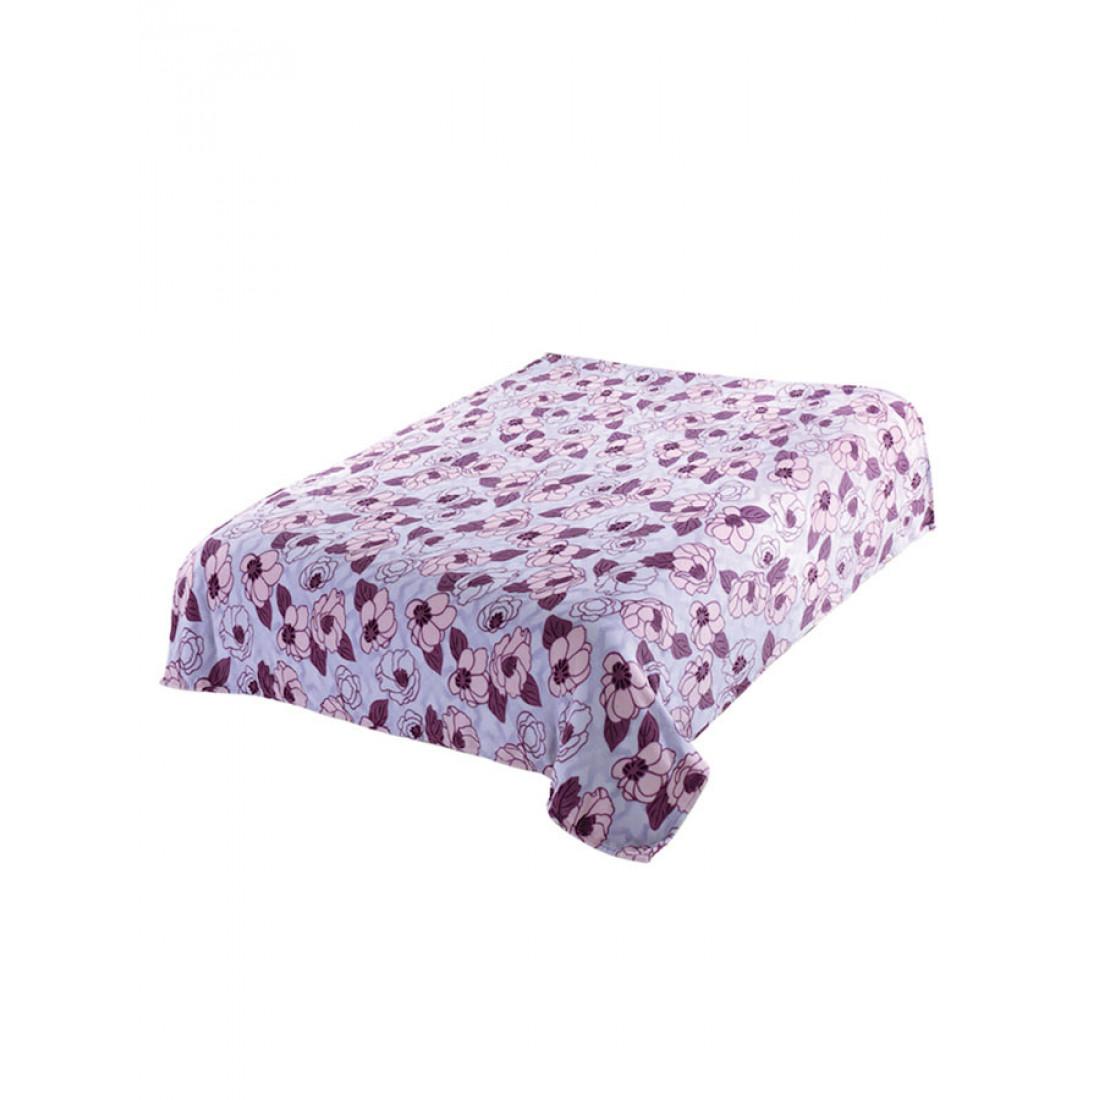 Плед Absolute trc550834 Сиреневые цветы 150x200 см, сиреневый/фиолетовый